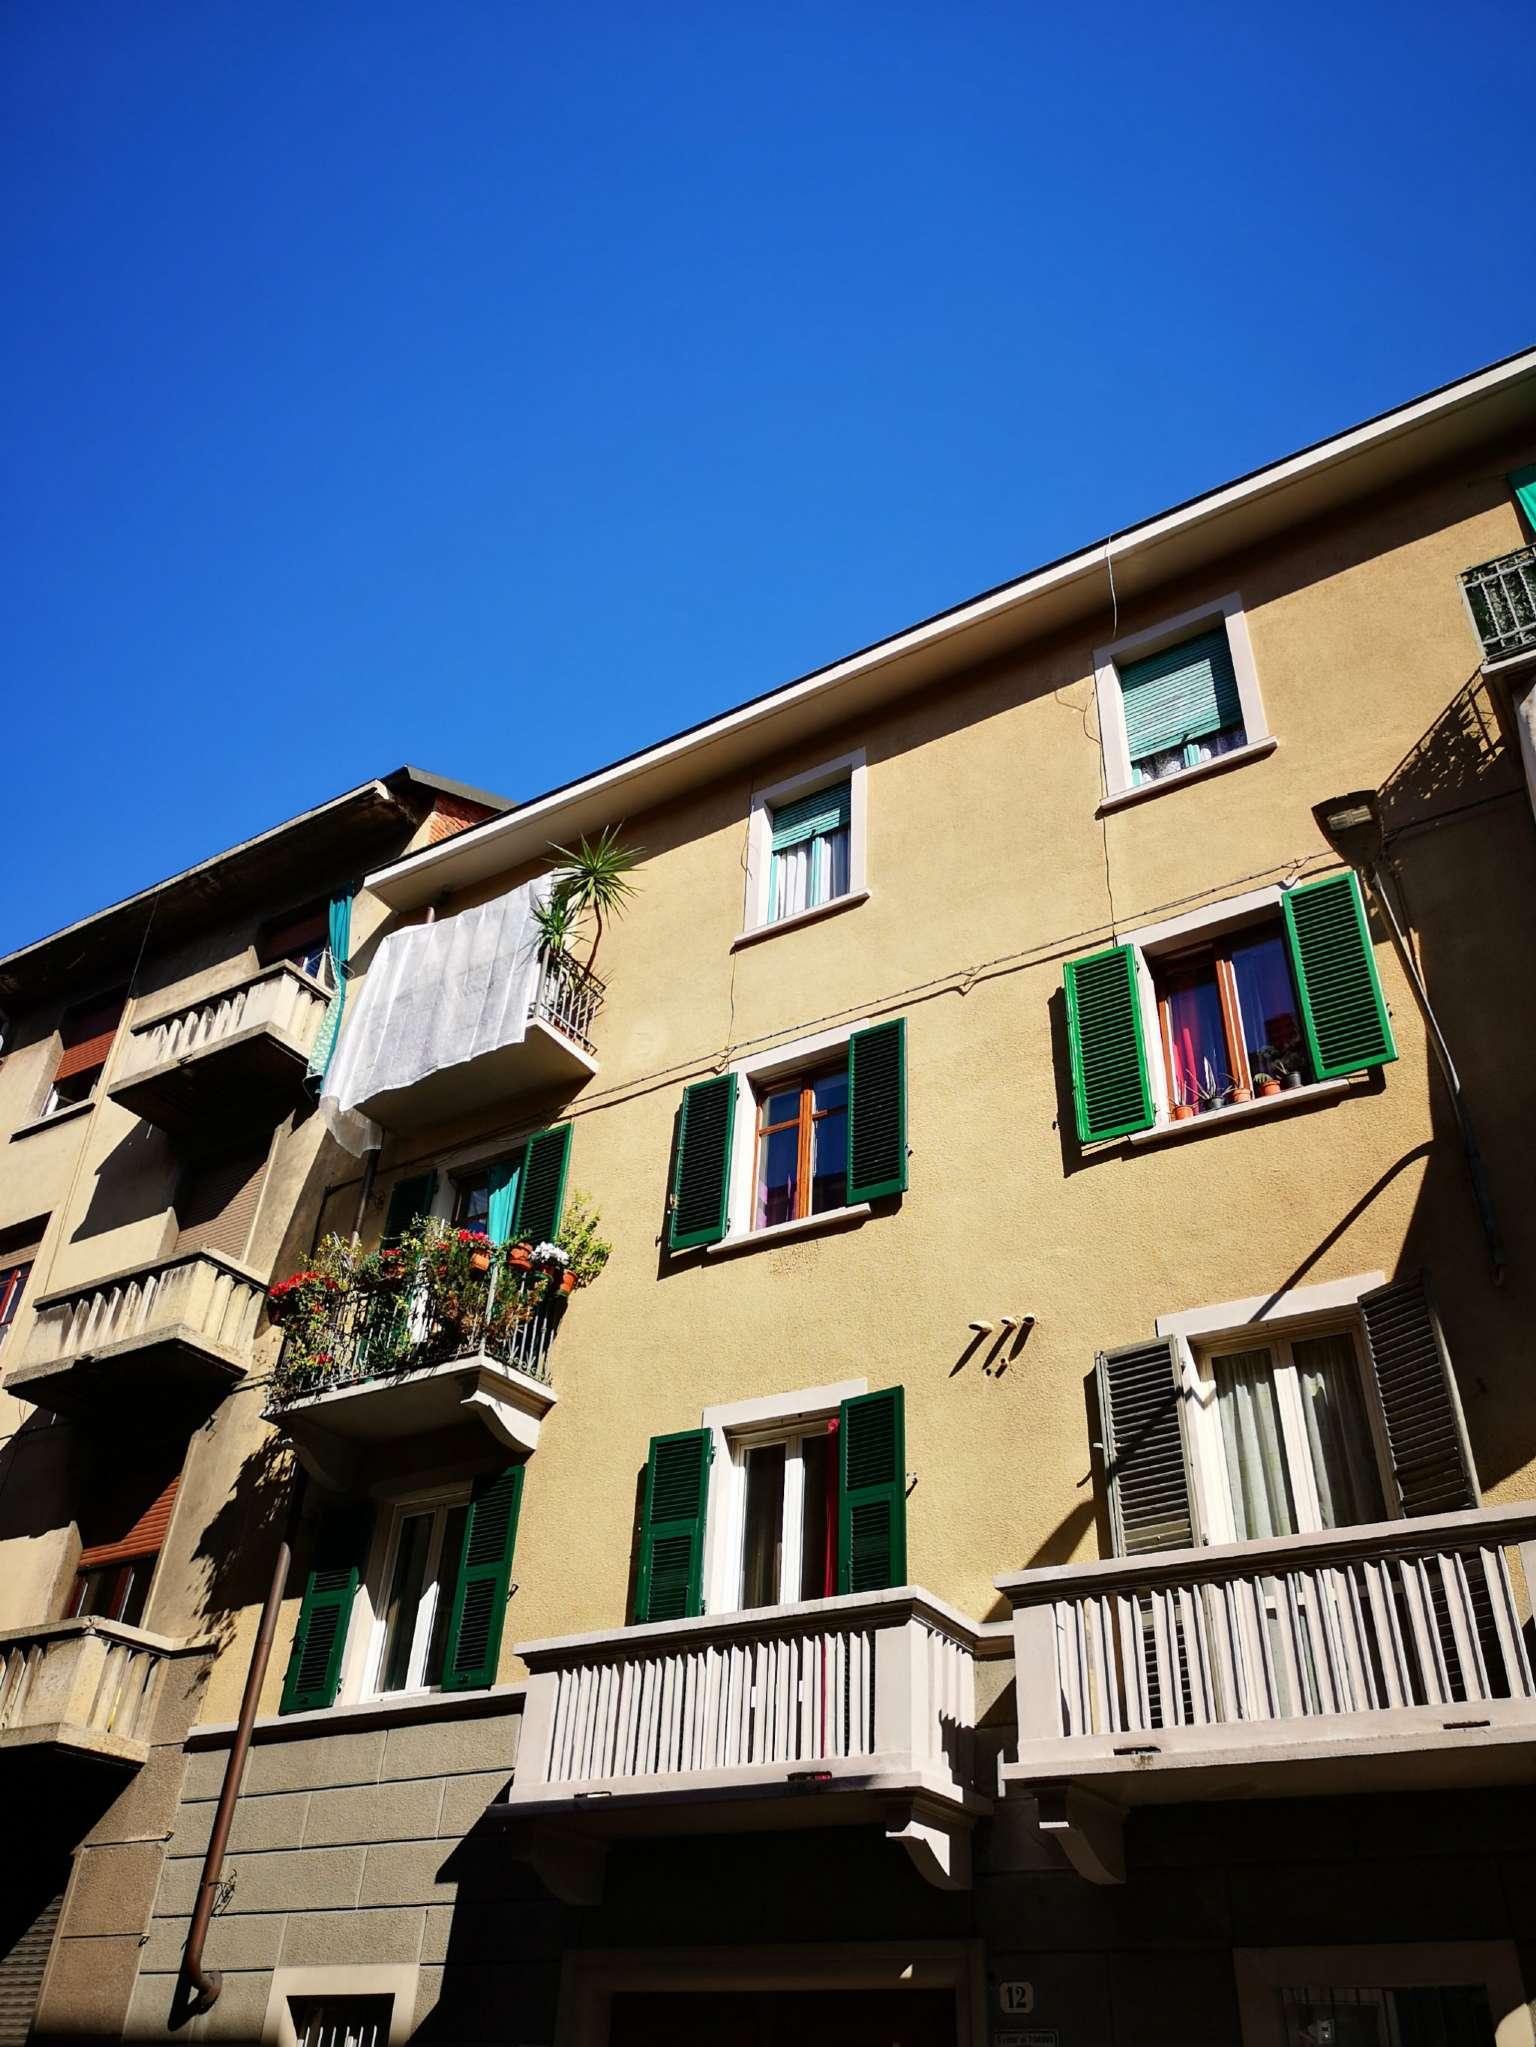 Appartamento in vendita Zona Barriera Milano, Falchera, Barca-Be... - via lombardore 12 Torino